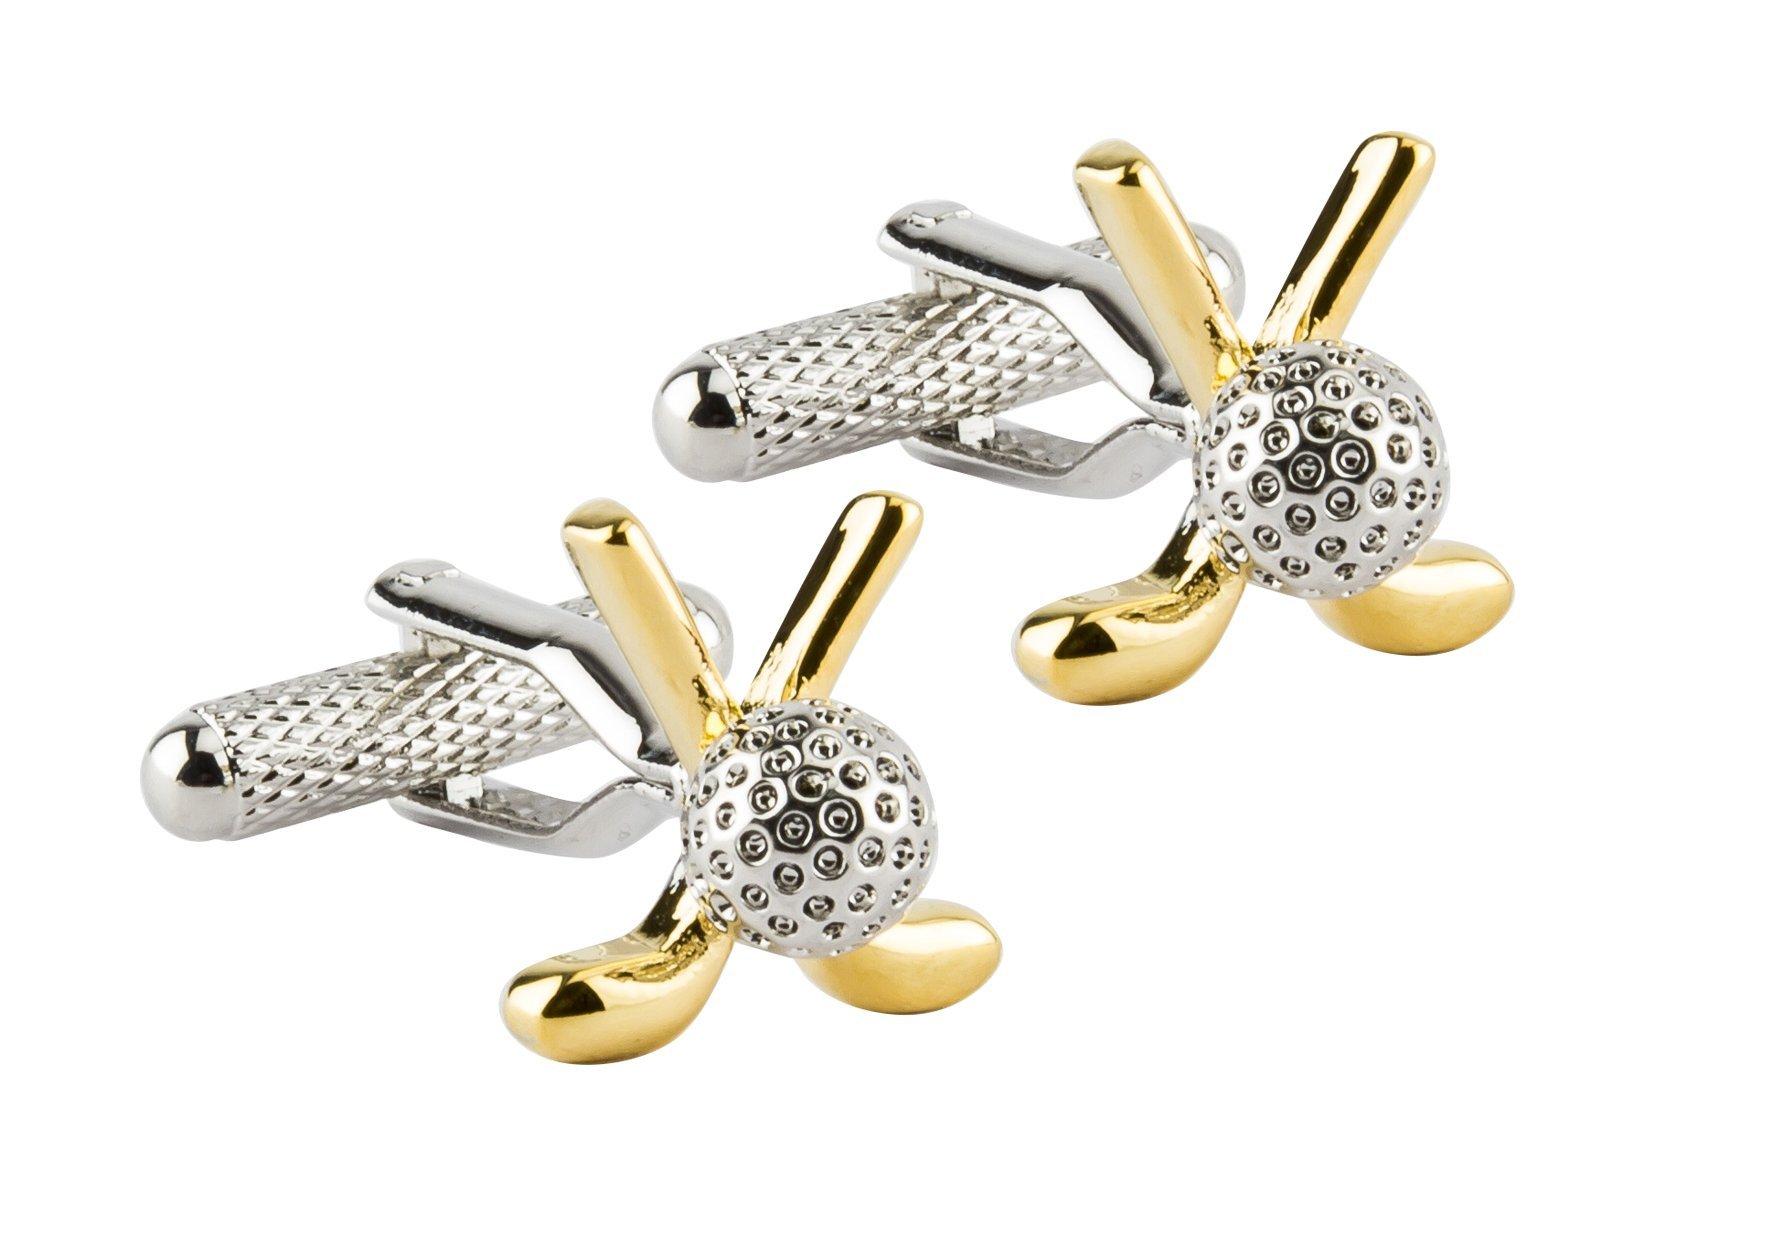 KNIGHTHOOD Men's Silver Gold Tone Golf Ball Club Cufflinks Silver